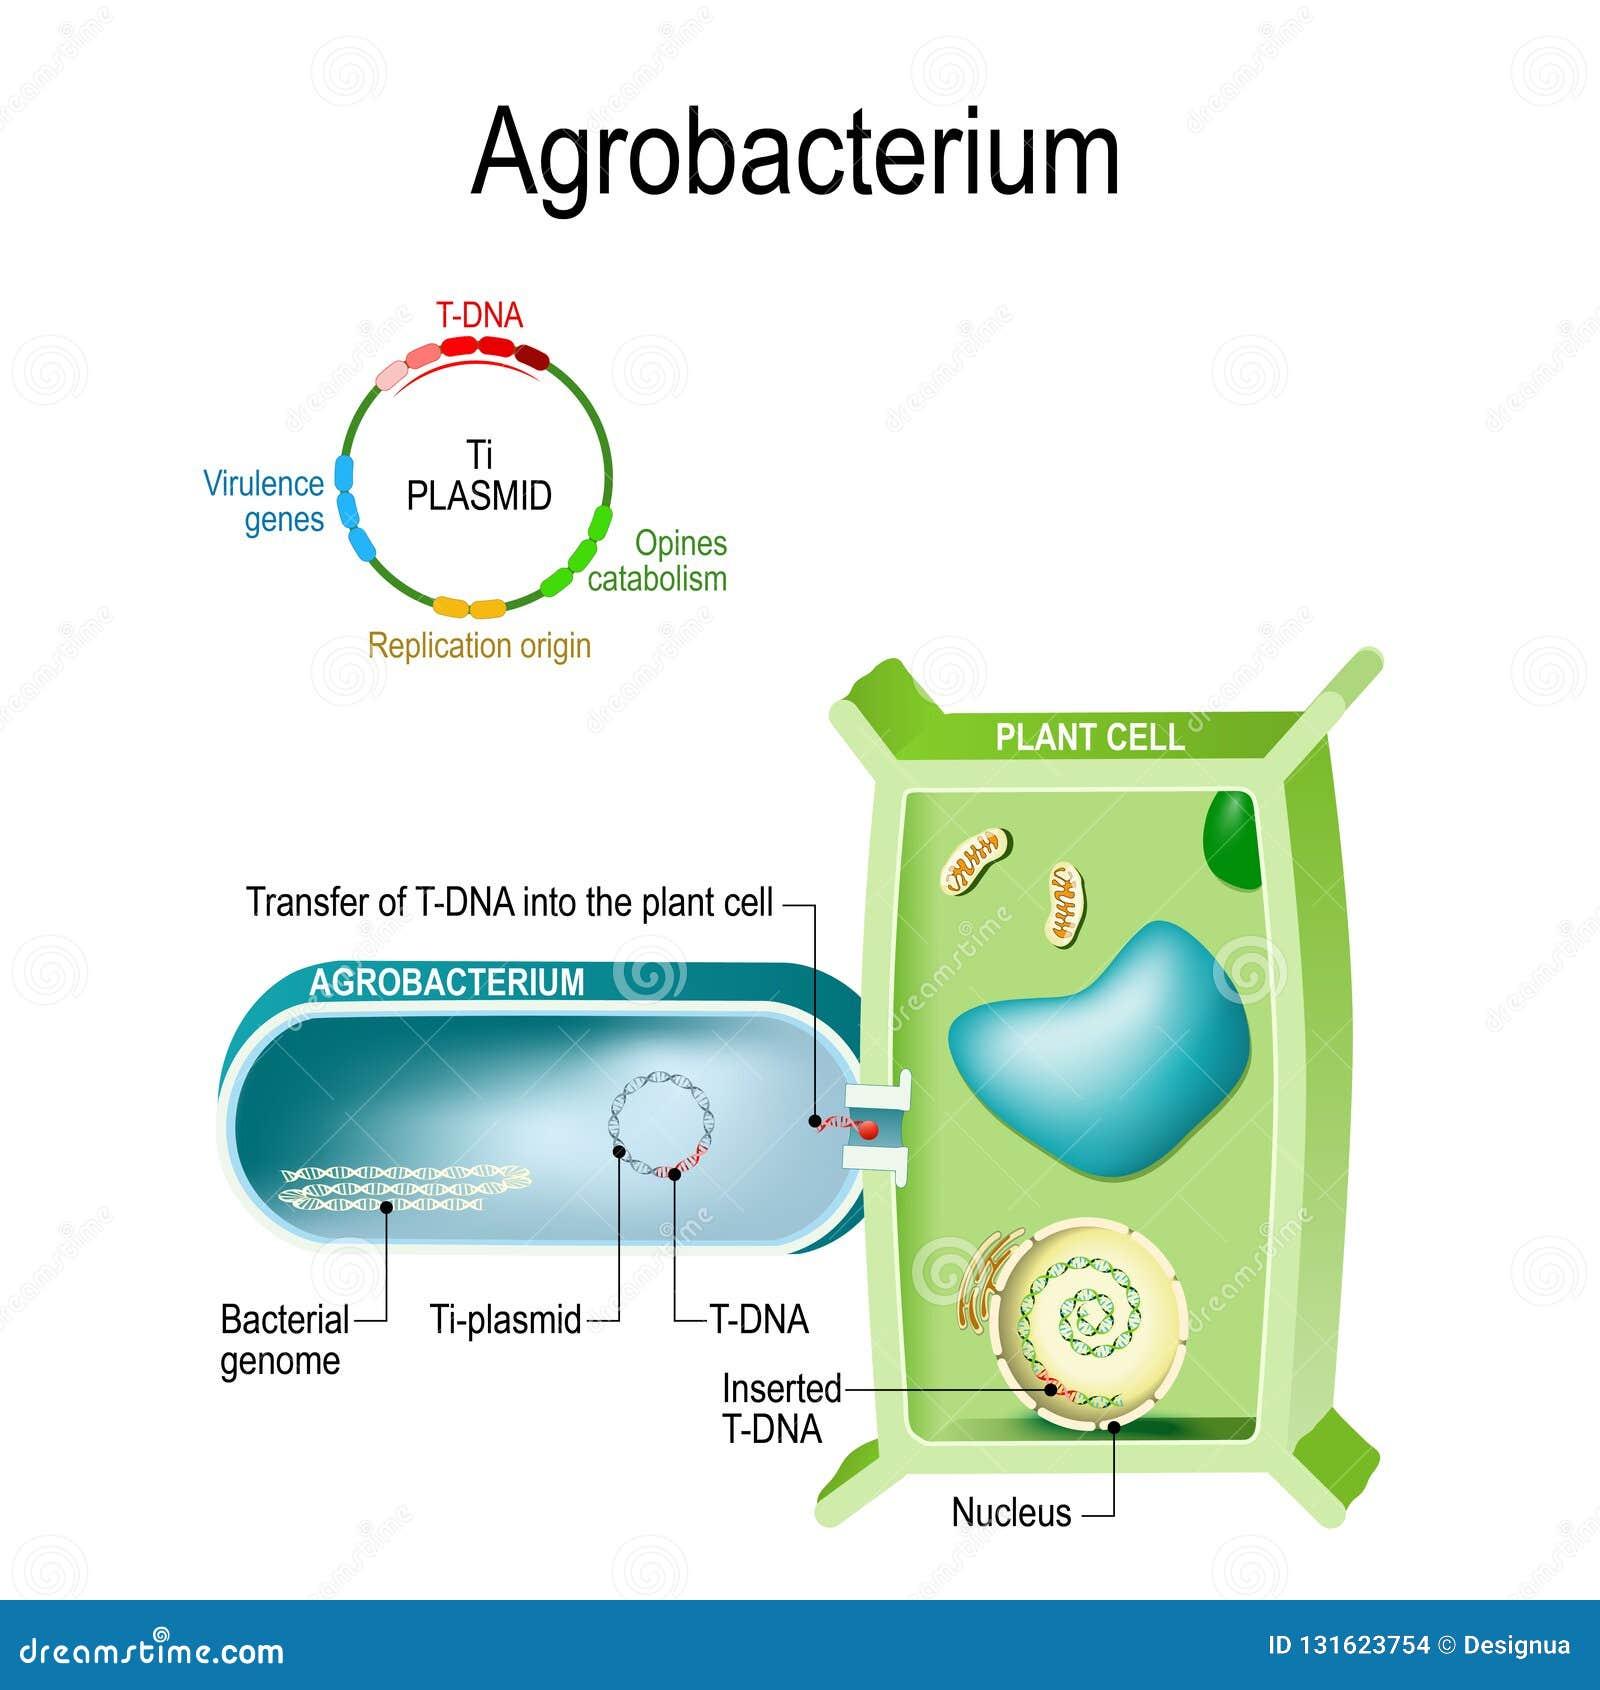 Μεταφορά του τ-DNA στο κύτταρο φυτών από το αγροβακτηρίδιο Αυτό το βακτηρίδιο είναι φυσικός γενετικός μηχανικός, ο οποίος μπορεί